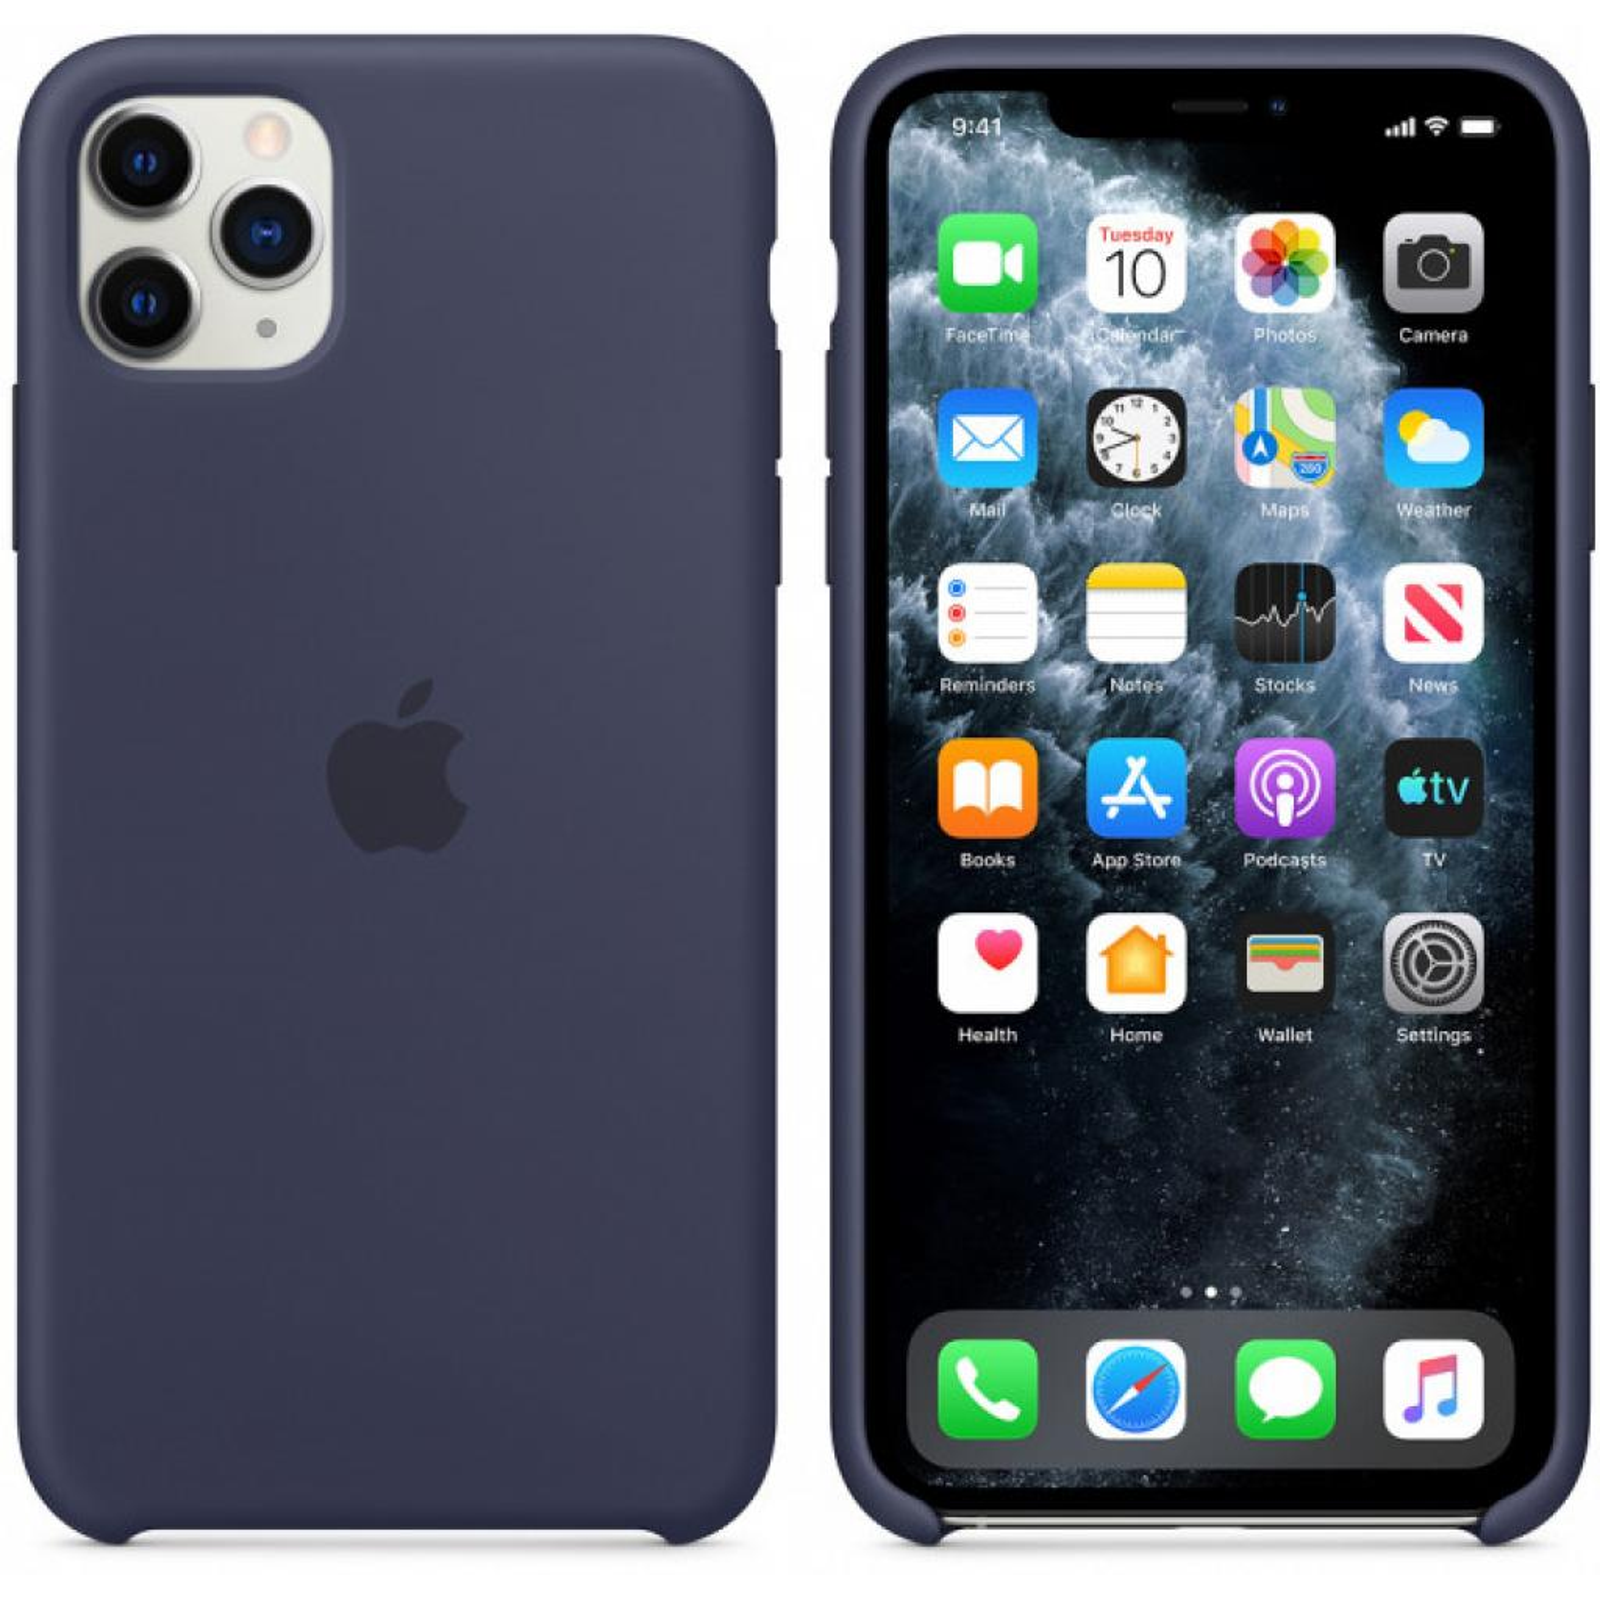 Чехол для моб. телефона Apple iPhone 11 Pro Max Silicone Case - Midnight Blue (MWYW2ZM/A) изображение 6